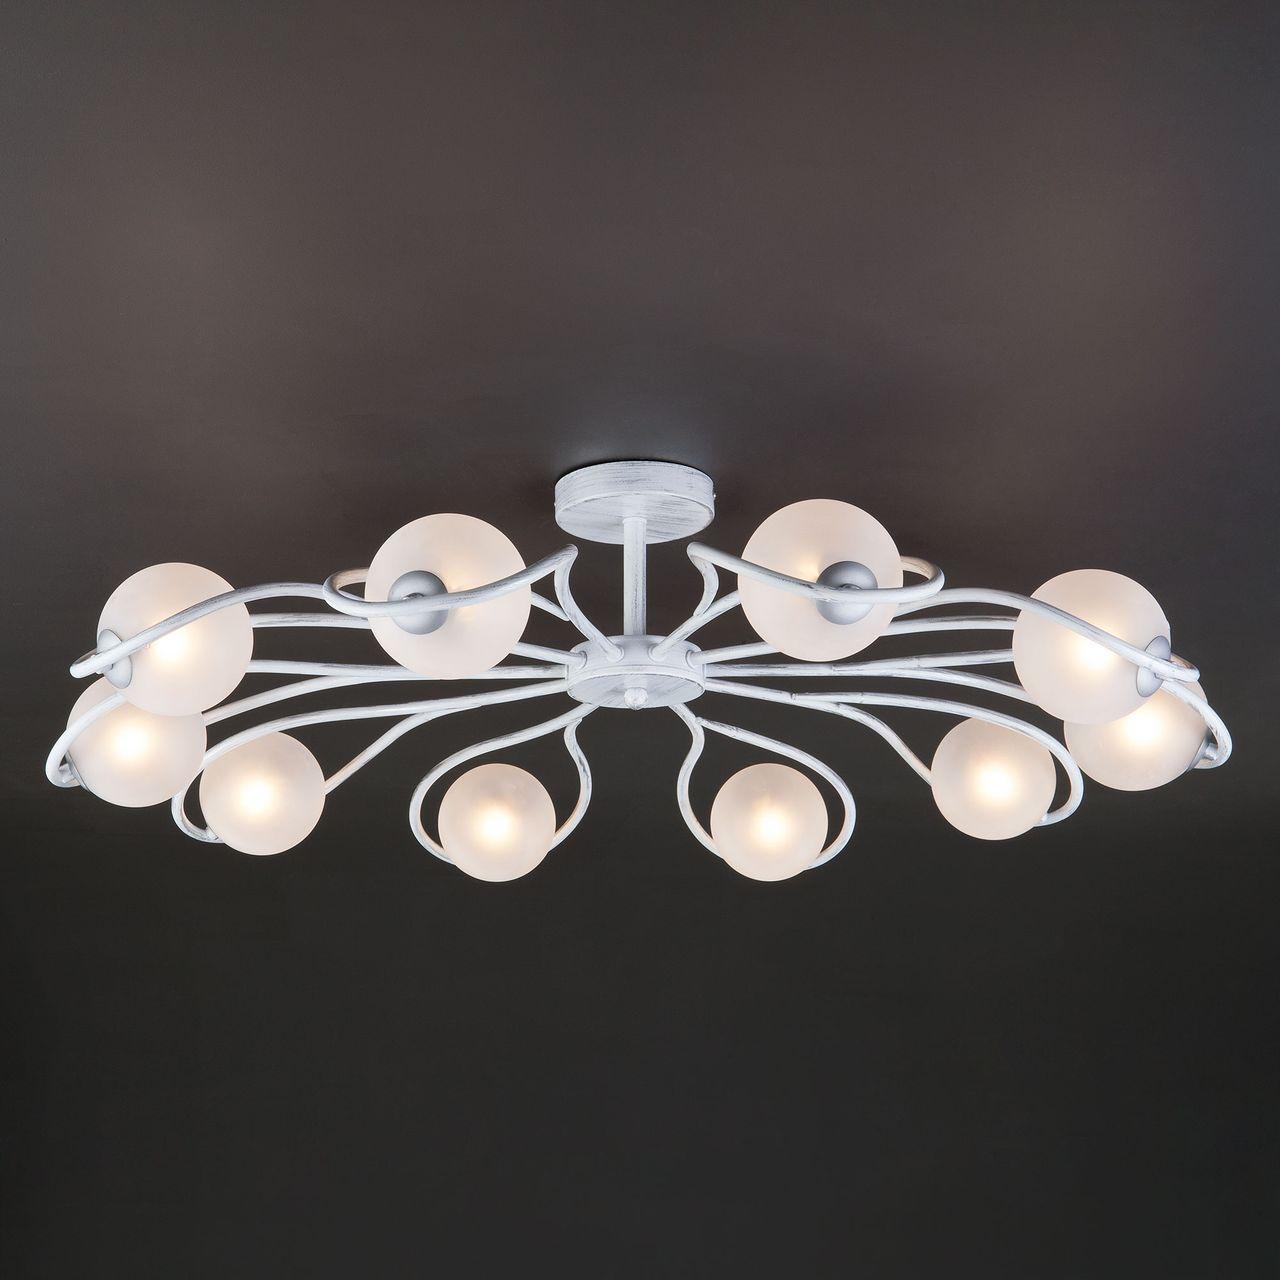 Люстра Eurosvet Camomile 70089/10 белый с серебром потолочная люстра eurosvet camomile 70089 6 белый с серебром